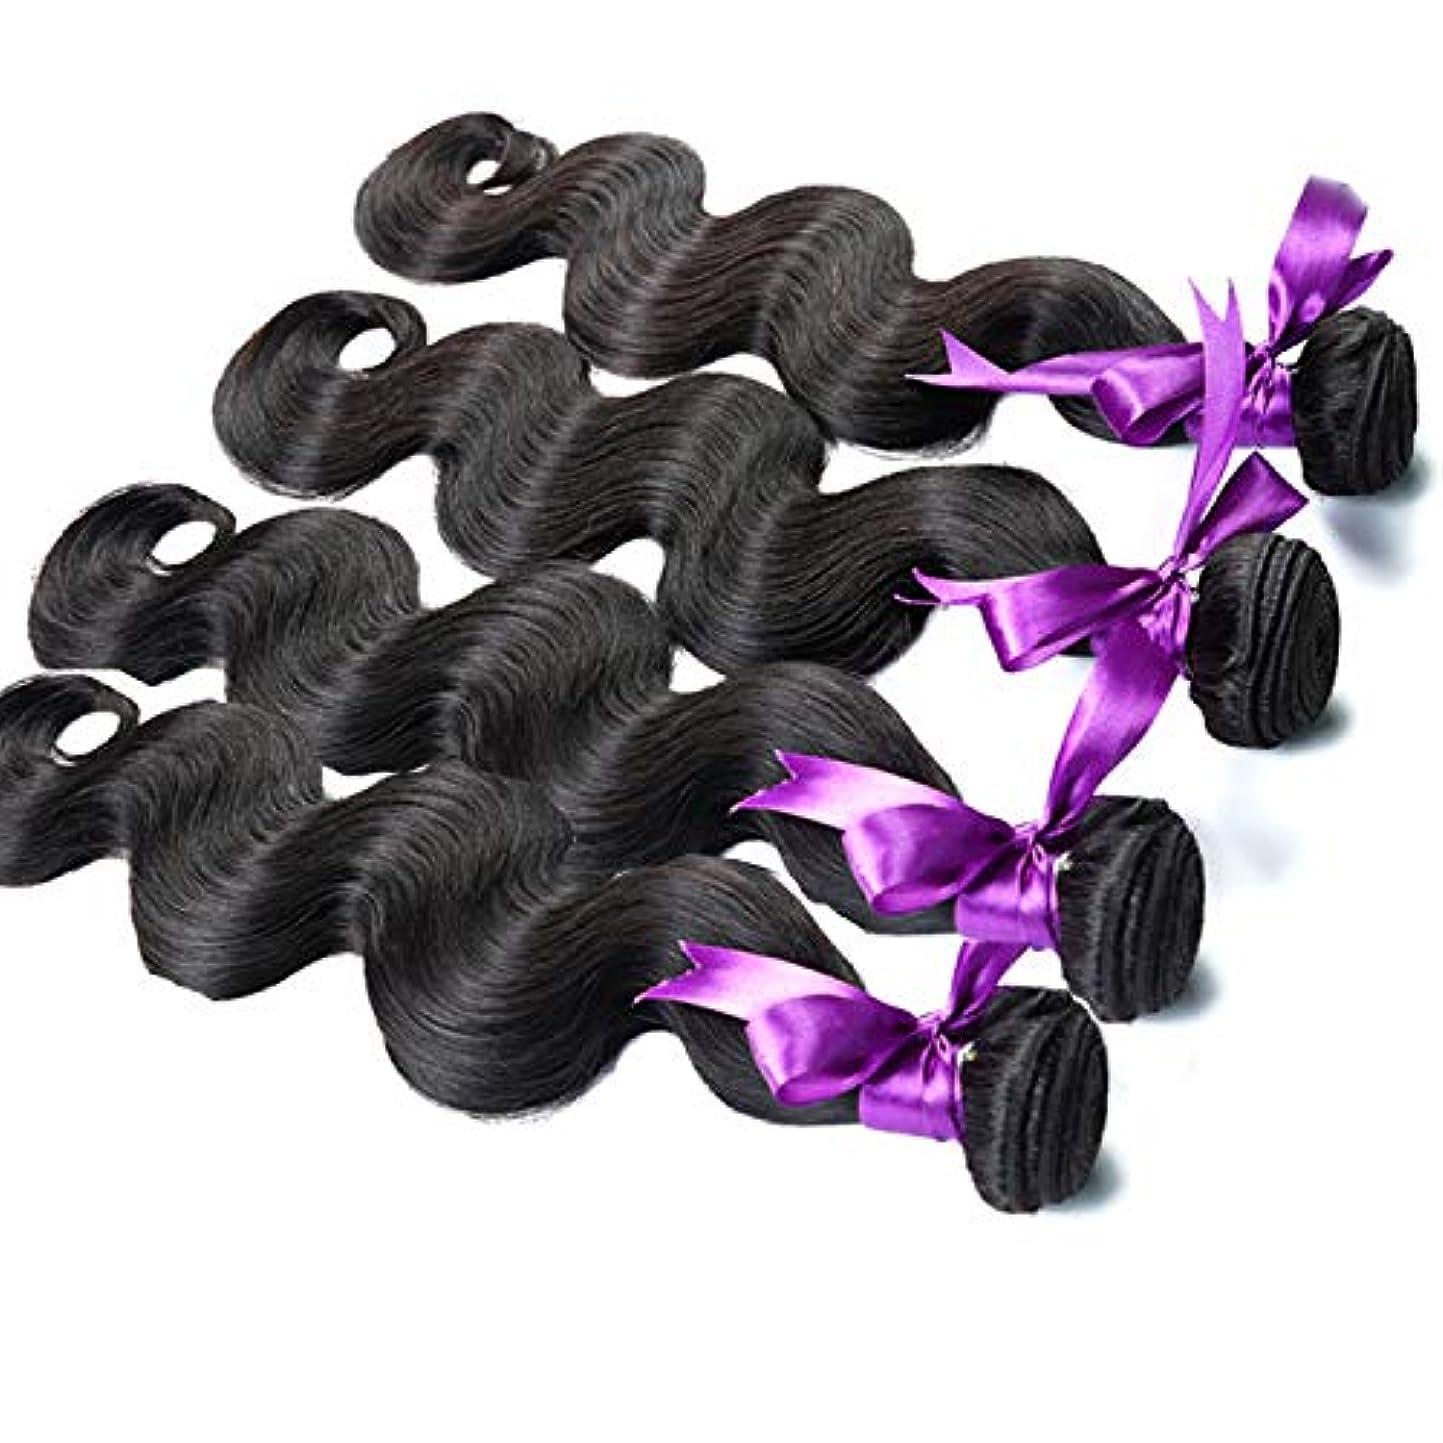 計算する不確実群れかつら ヘアエクステンションヘア織り実体波ヘアバンドル8aグレード人間の髪織りナチュラルカラー非レミーヘアエクステンション12-28インチ4バンドル (Stretched Length : 16 18 20 20 inches)